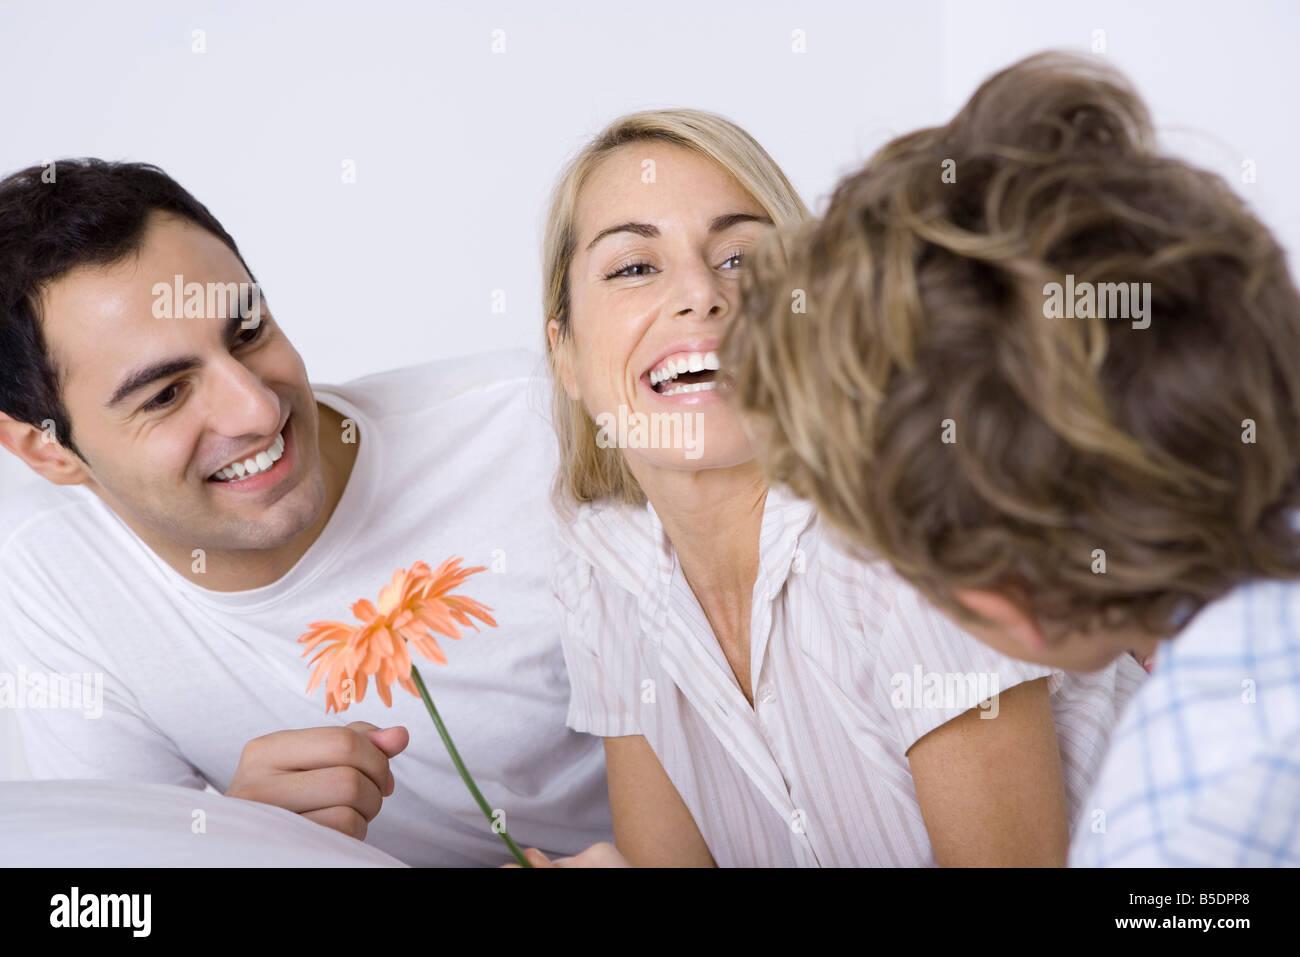 Mujer riendo con mi esposo e hijo, sosteniendo flor Imagen De Stock